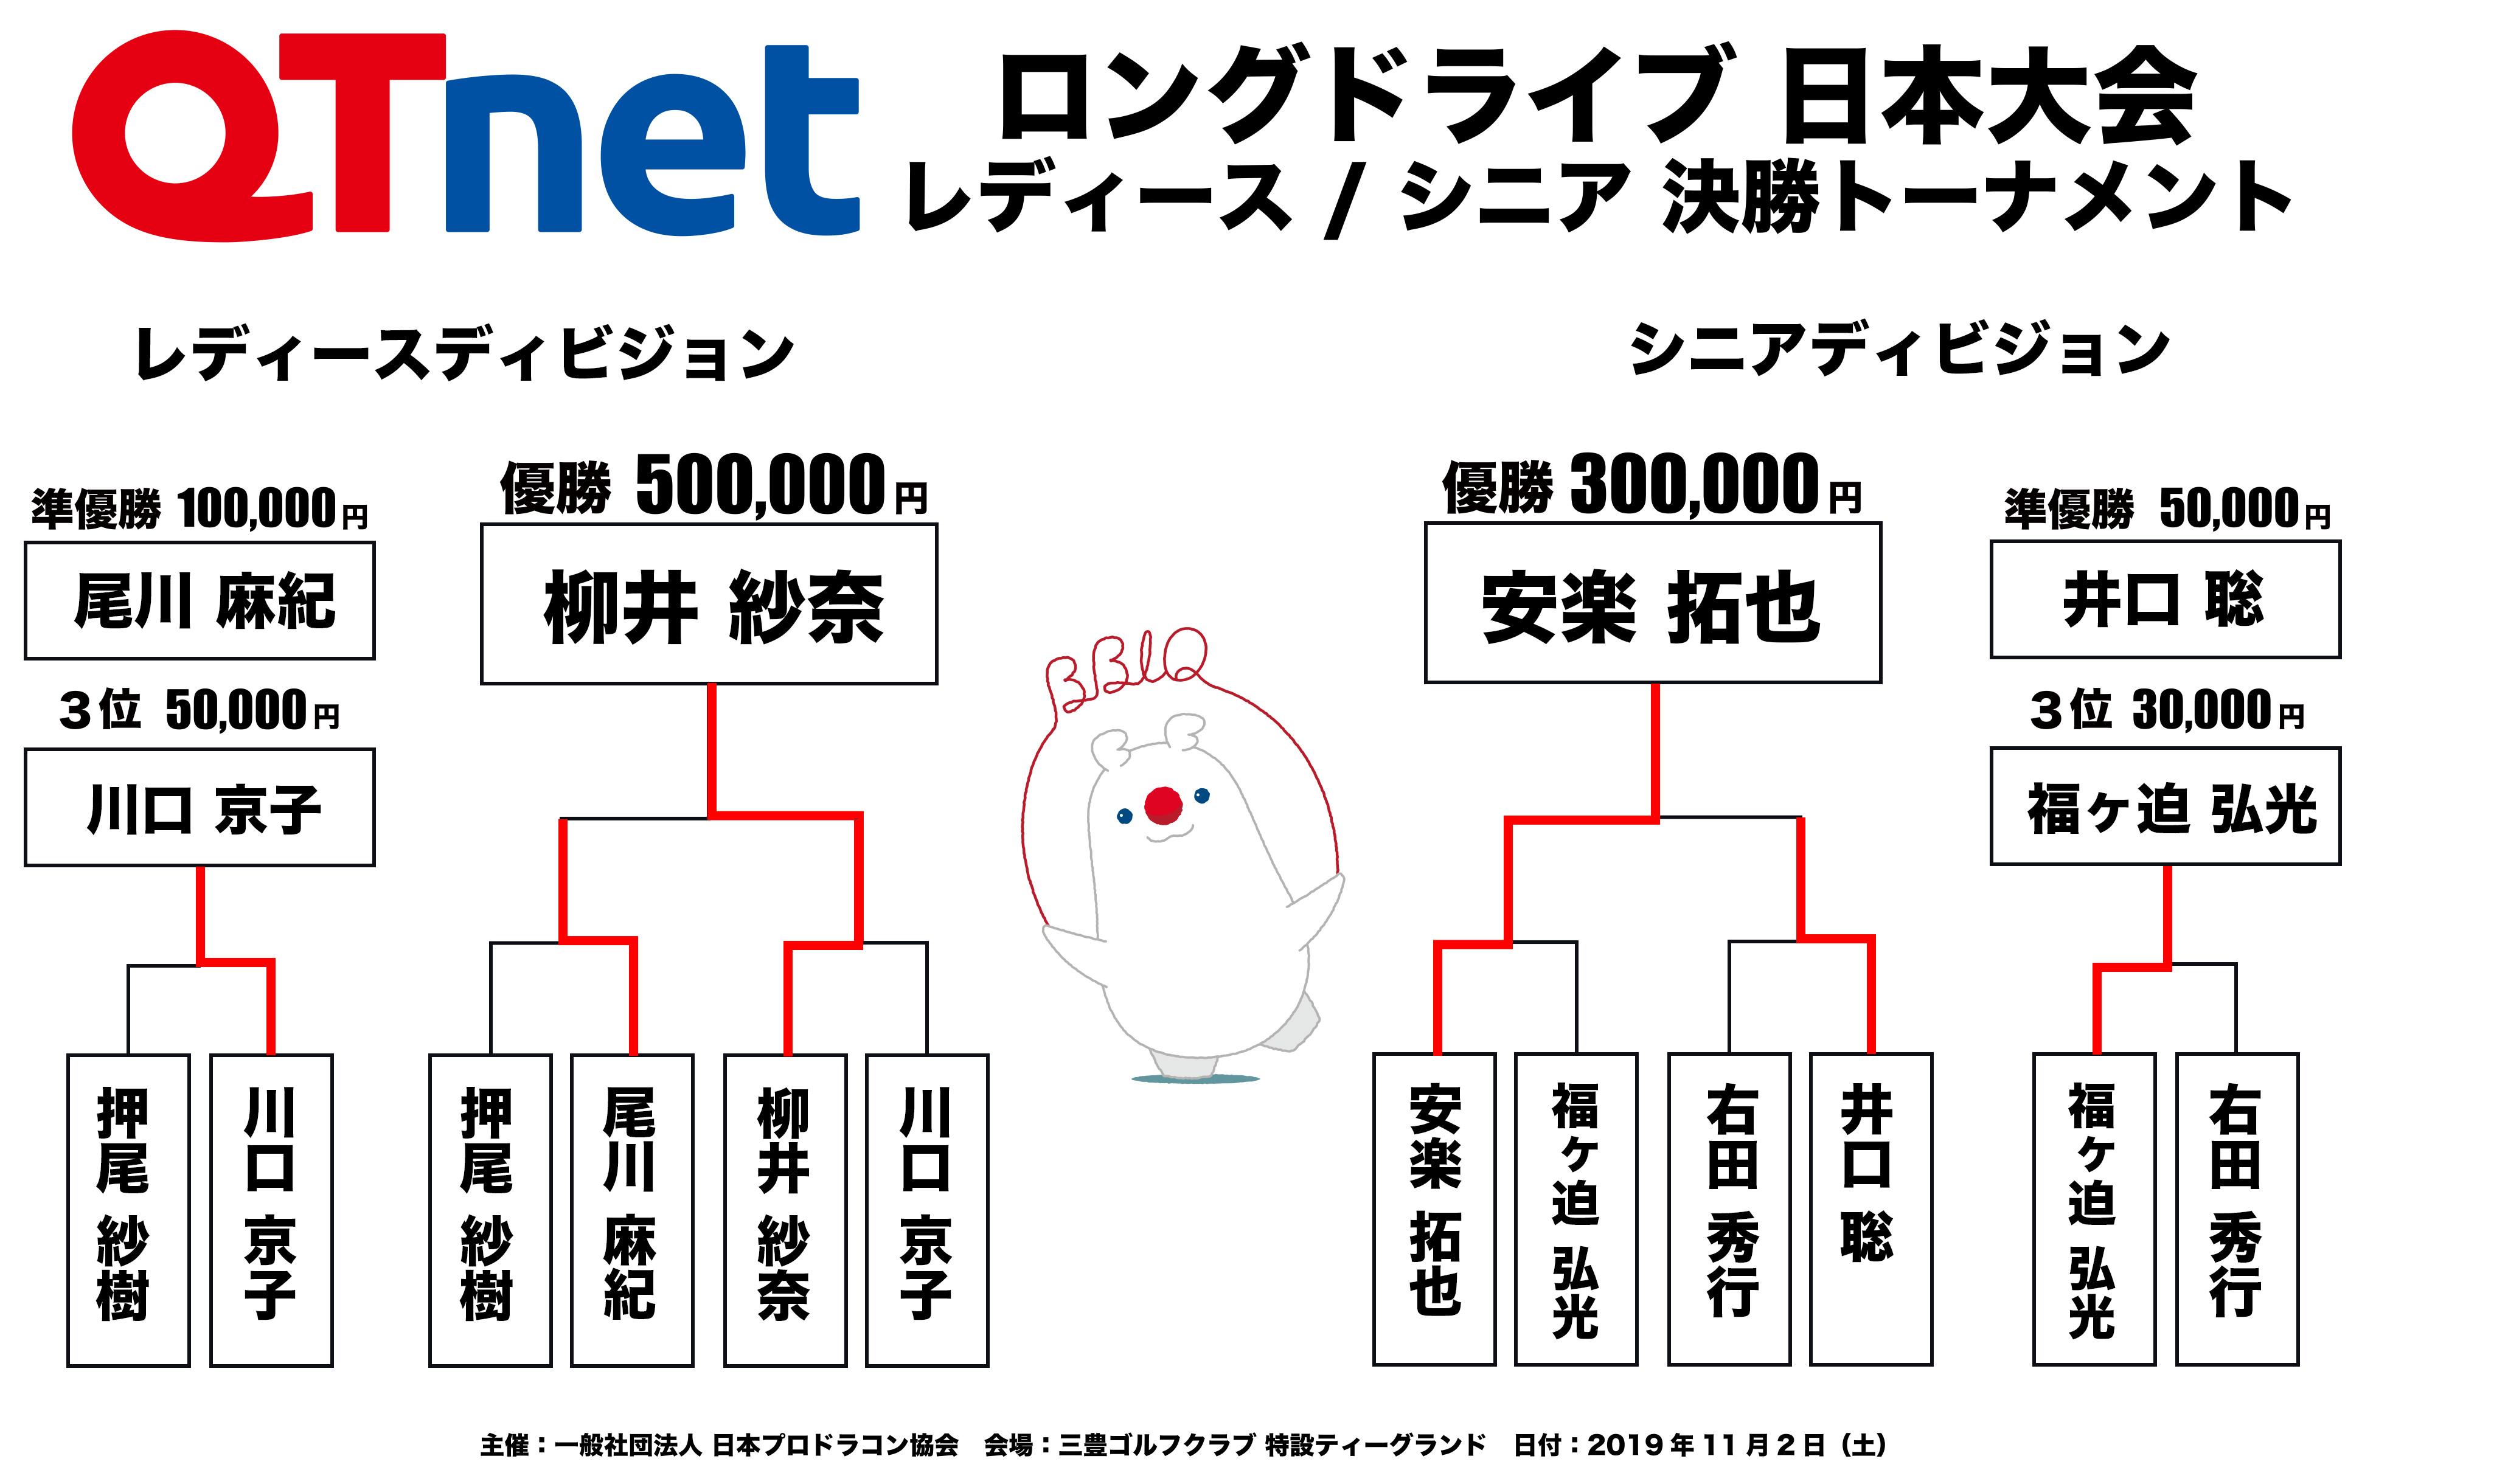 ドラコン日本一決定戦2019 ロングドライブ レディース・シニア結果